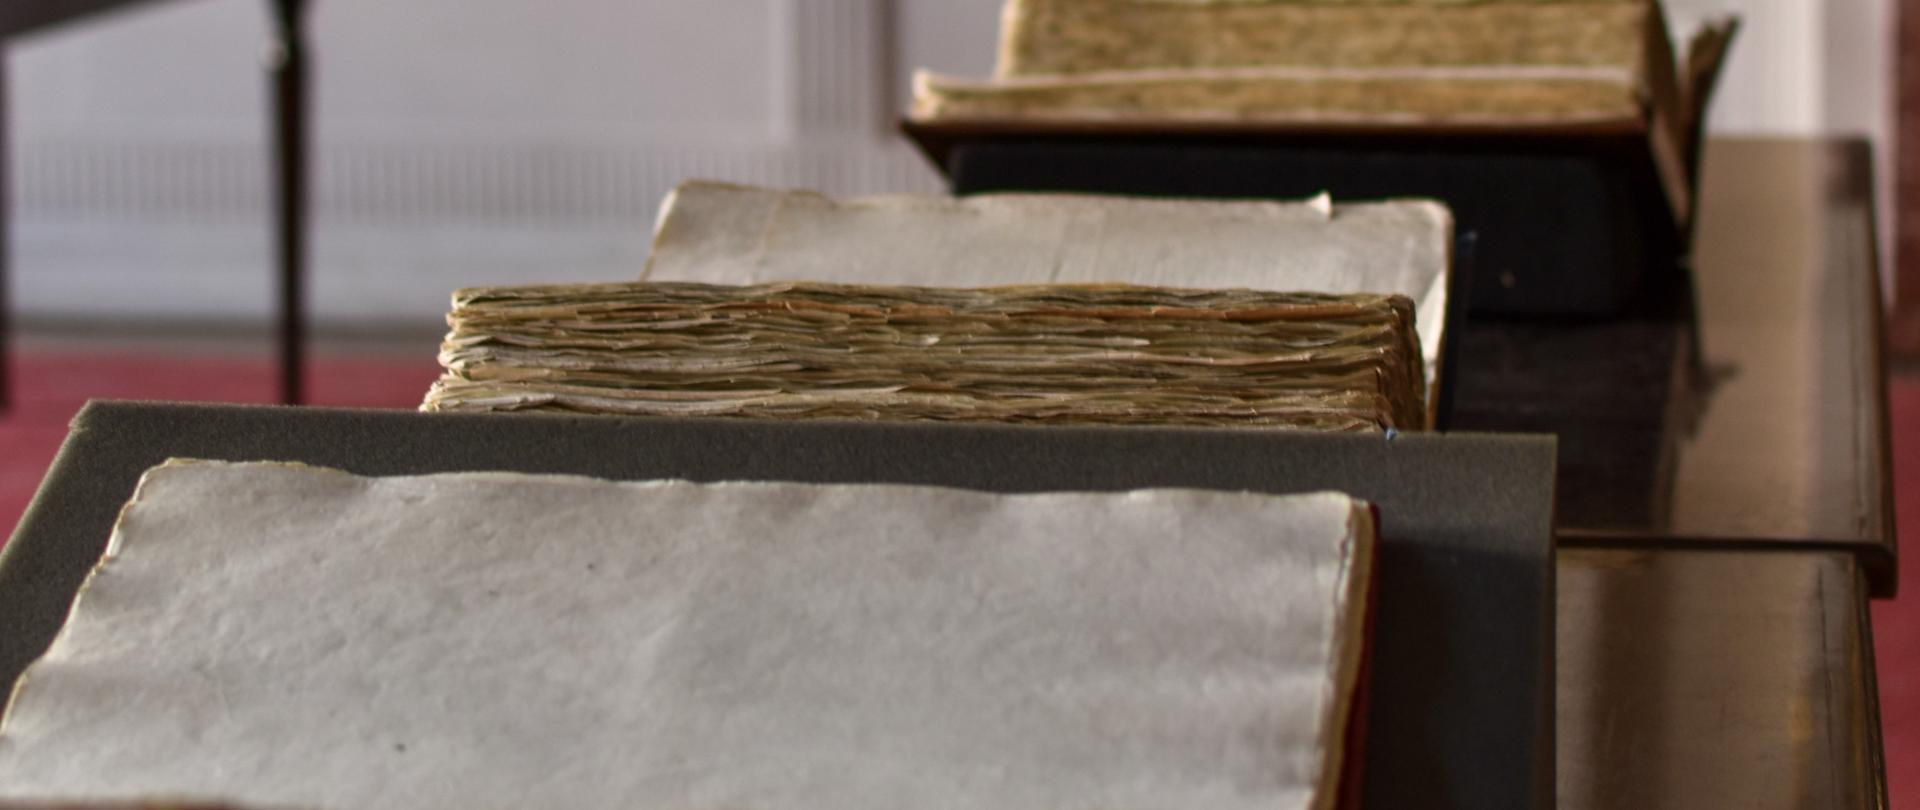 Trzy egzemplarze Konstytucji 3 Maja przechowywane w Archiwach Państwowych: Archiwum Głównym Akt Dawnych.